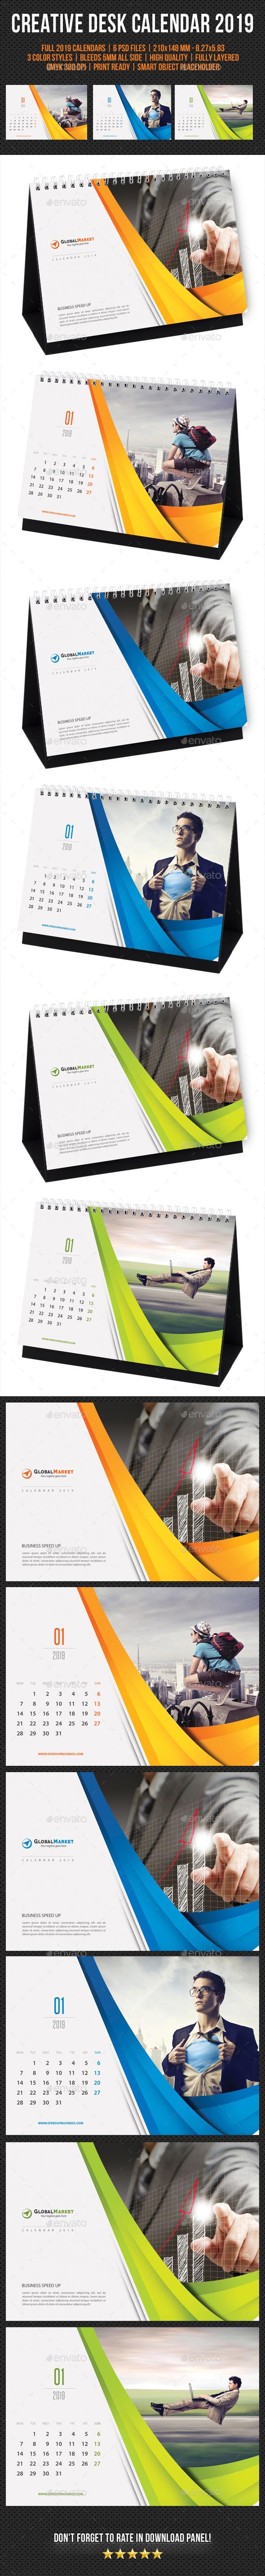 Creative Desk Calendar 2019 V11 - Calendars Stationery